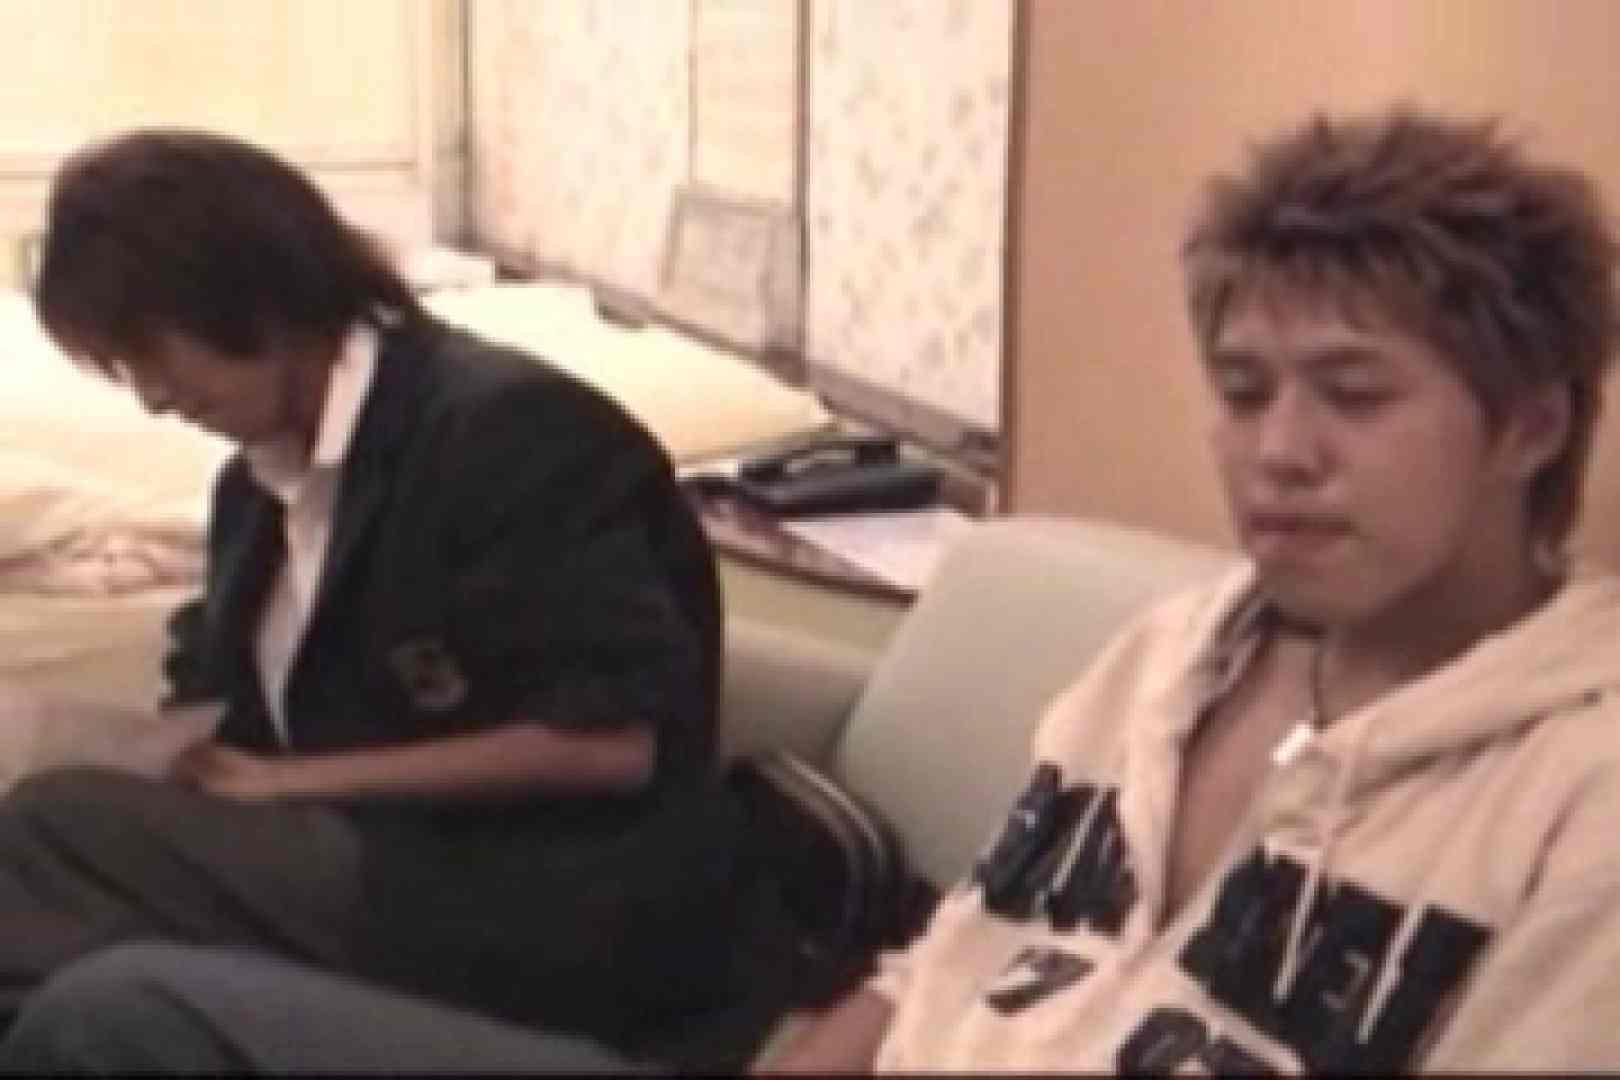 【流出】ジャニ系イケメン!!フライング&アナルが痛くて出来ません!! ディープキス 男同士動画 83枚 70